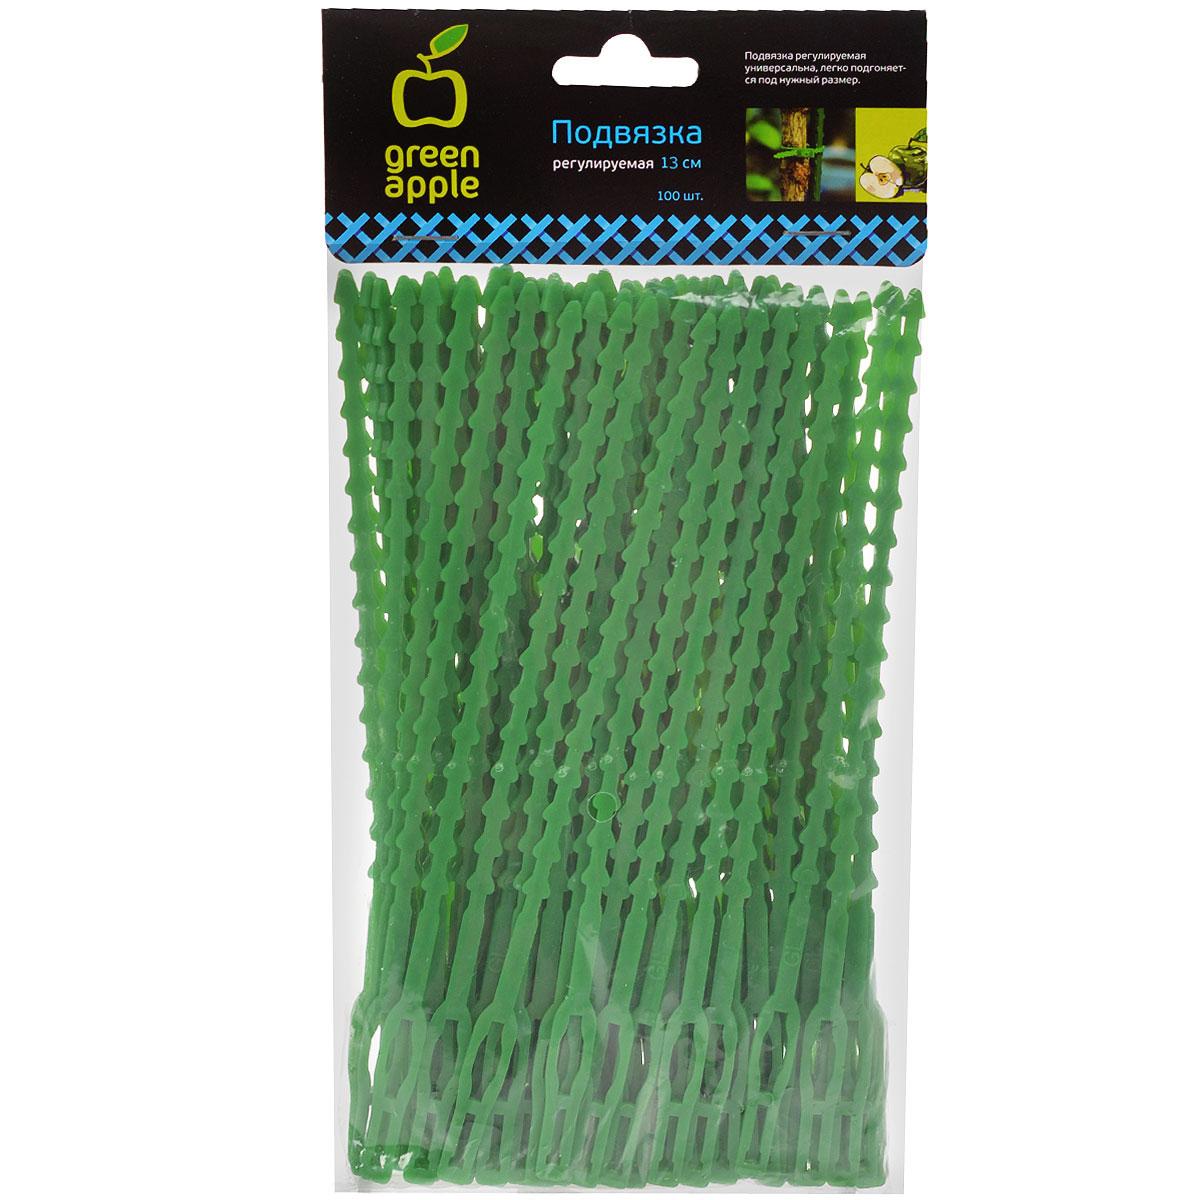 Подвязка регулируемая Green Apple GTT-26, 13 см, 100 шт8711969015999Подвязка регулируемая универсальна, легко подгоняется под нужный размер.